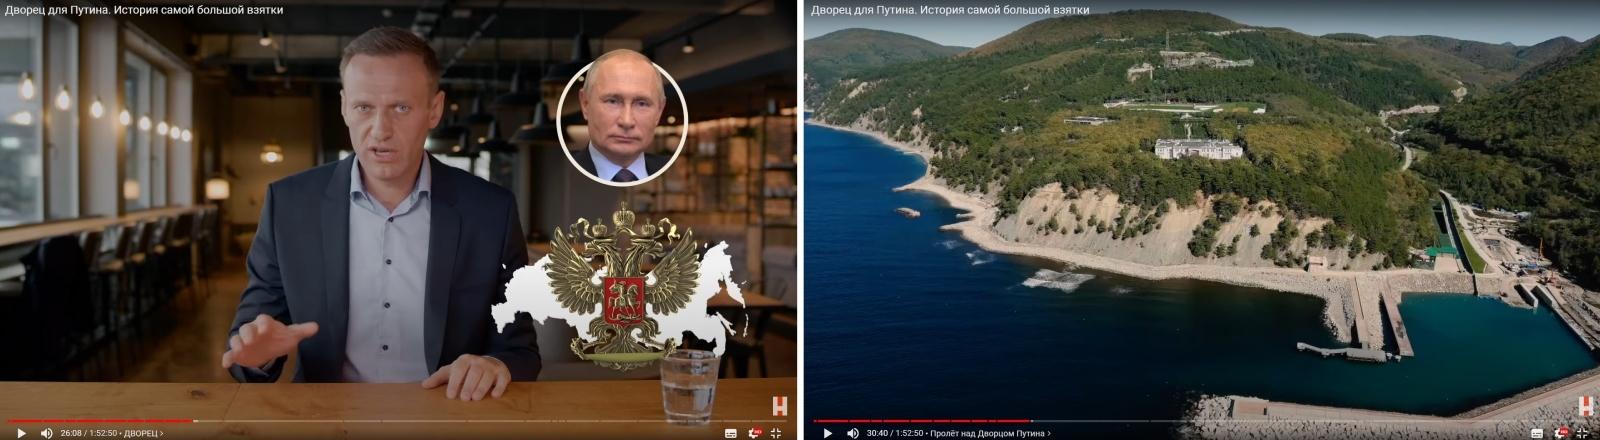 """Screenshots aus Alexey Nawalnys Film """"Putins Palace"""", veröffentlicht am 19.01.2021"""